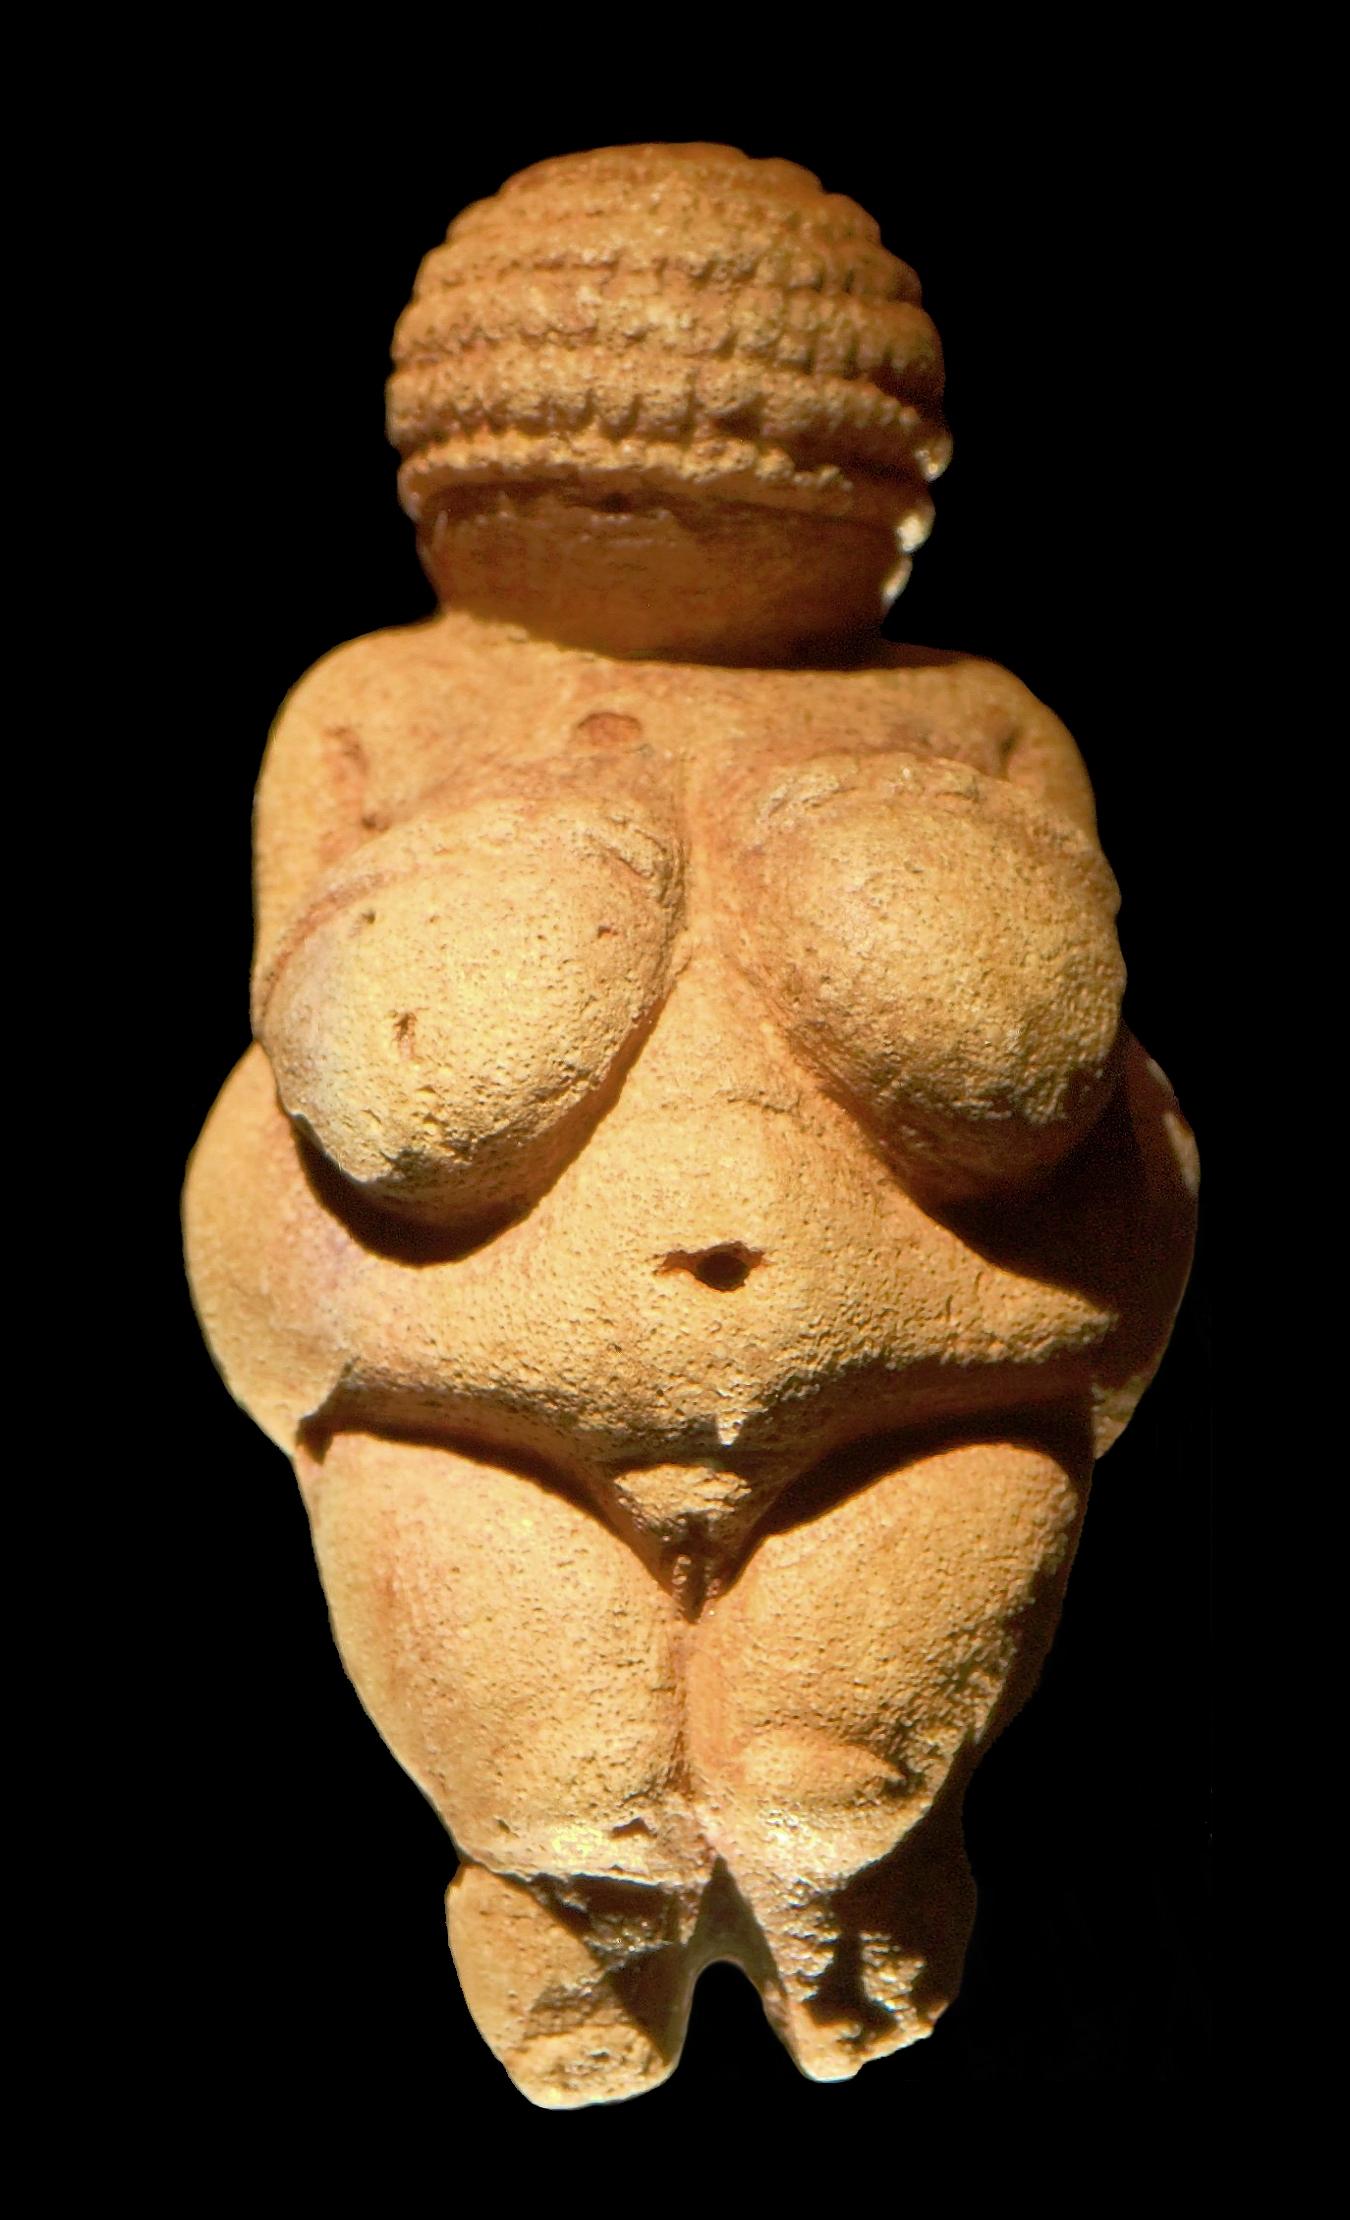 piedra y arte contenida en una pequeña escultura